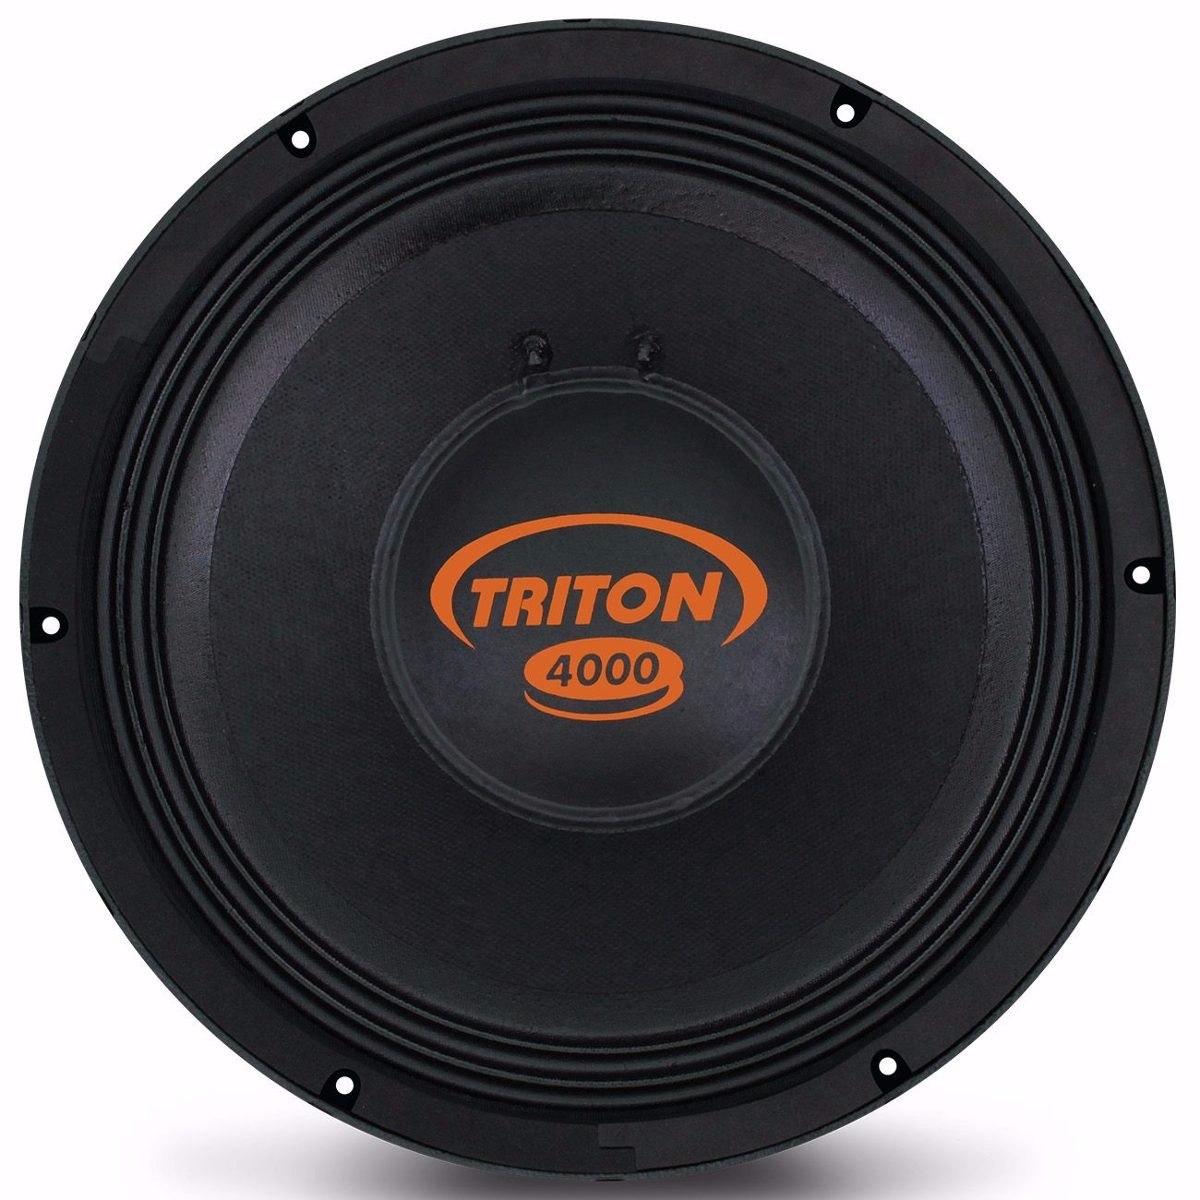 7c39ce3b8 Triton 4000w Rms Alto Falante Woofer Tr4000 12 Pol. 4 Ohms - R$ 989 ...